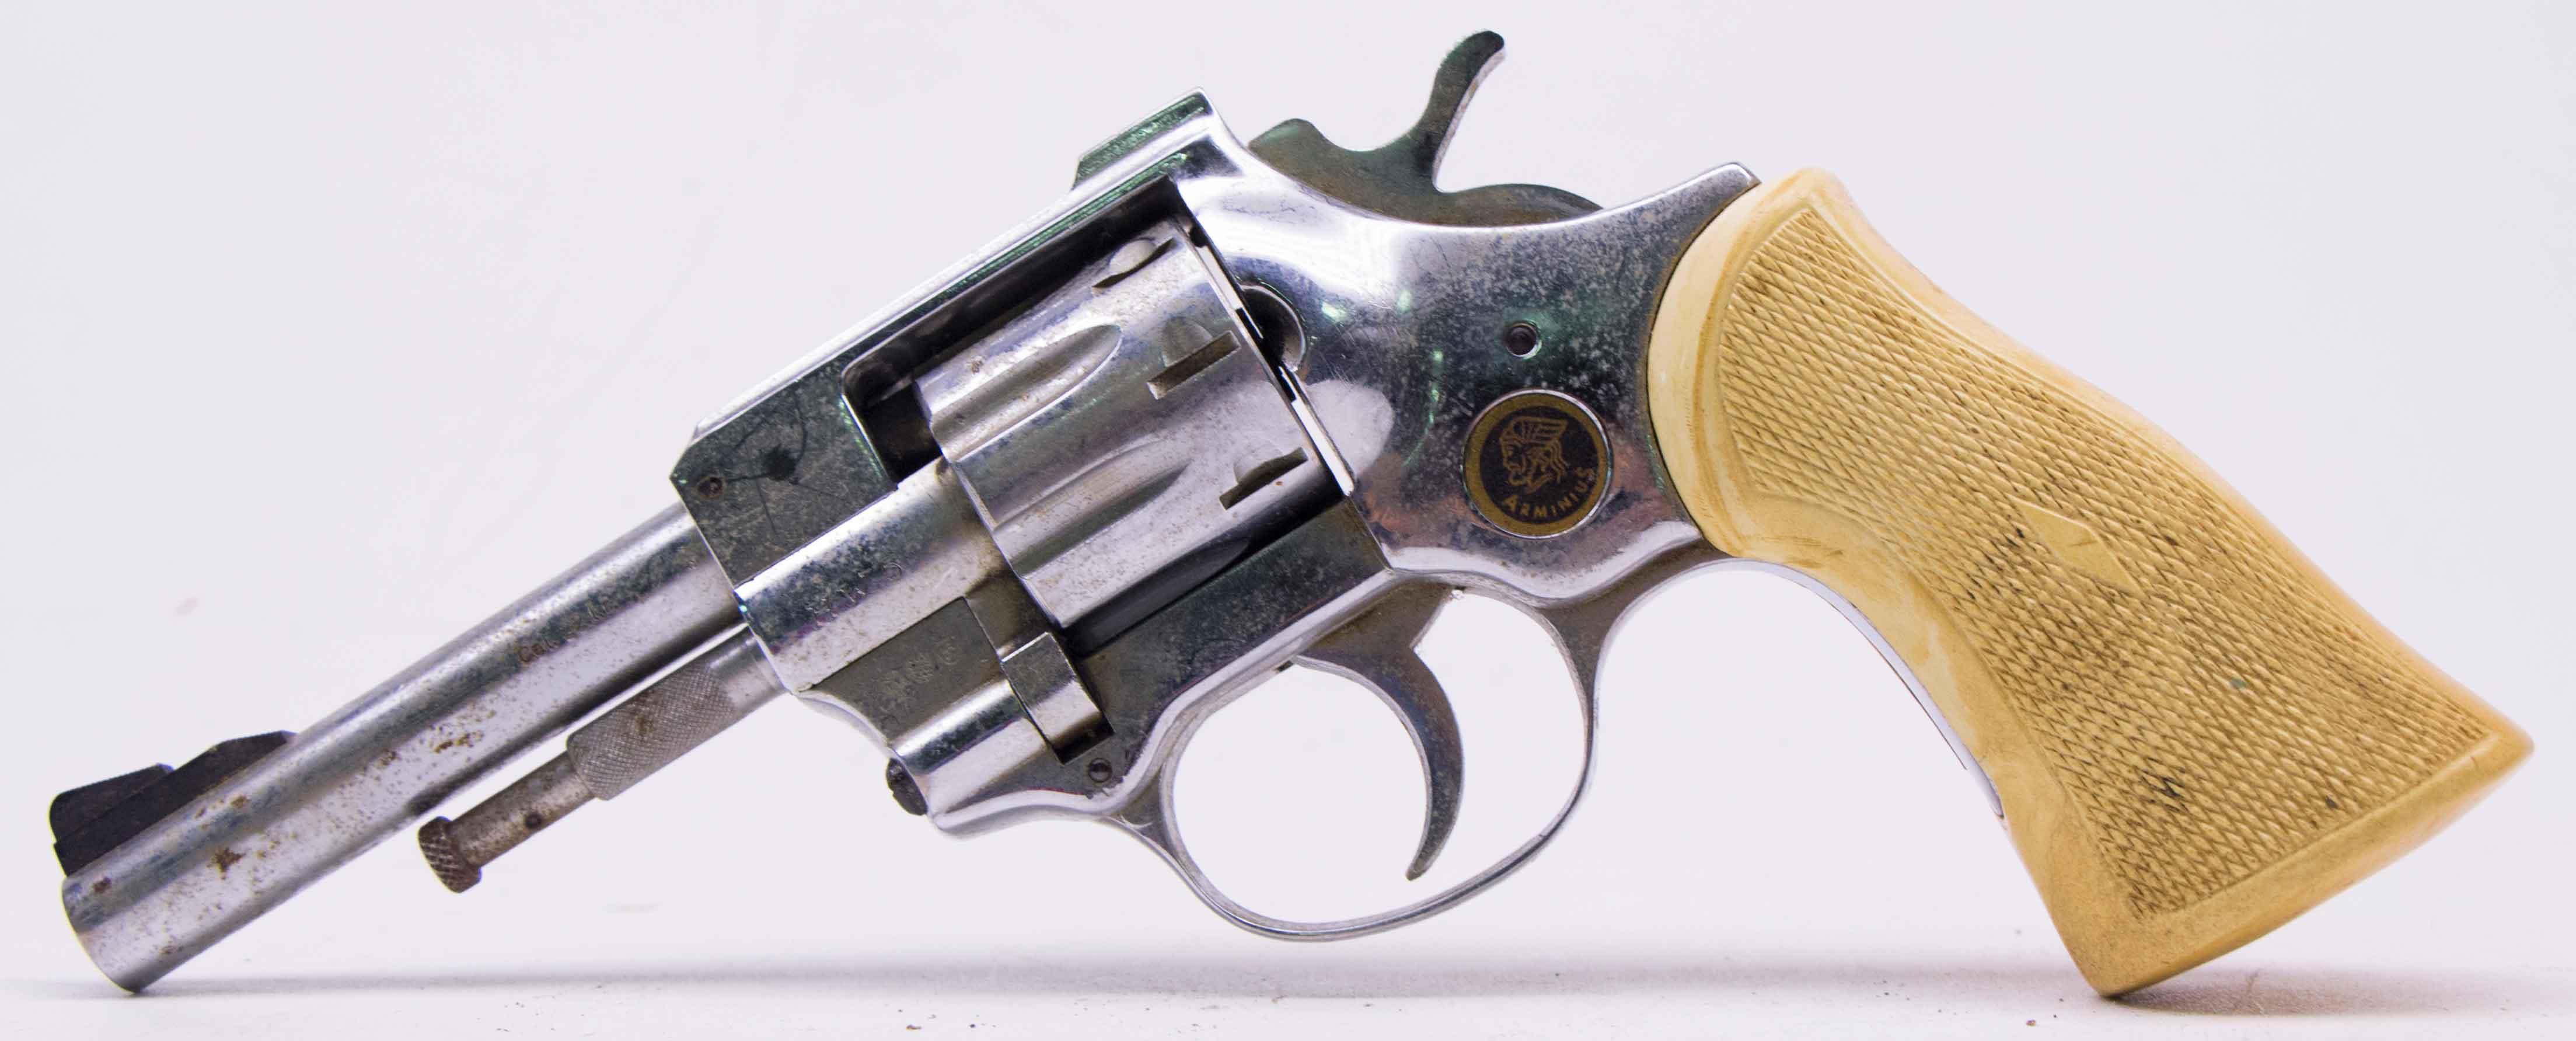 Arminius Hw5 22 Revolver Related Keywords & Suggestions - Arminius